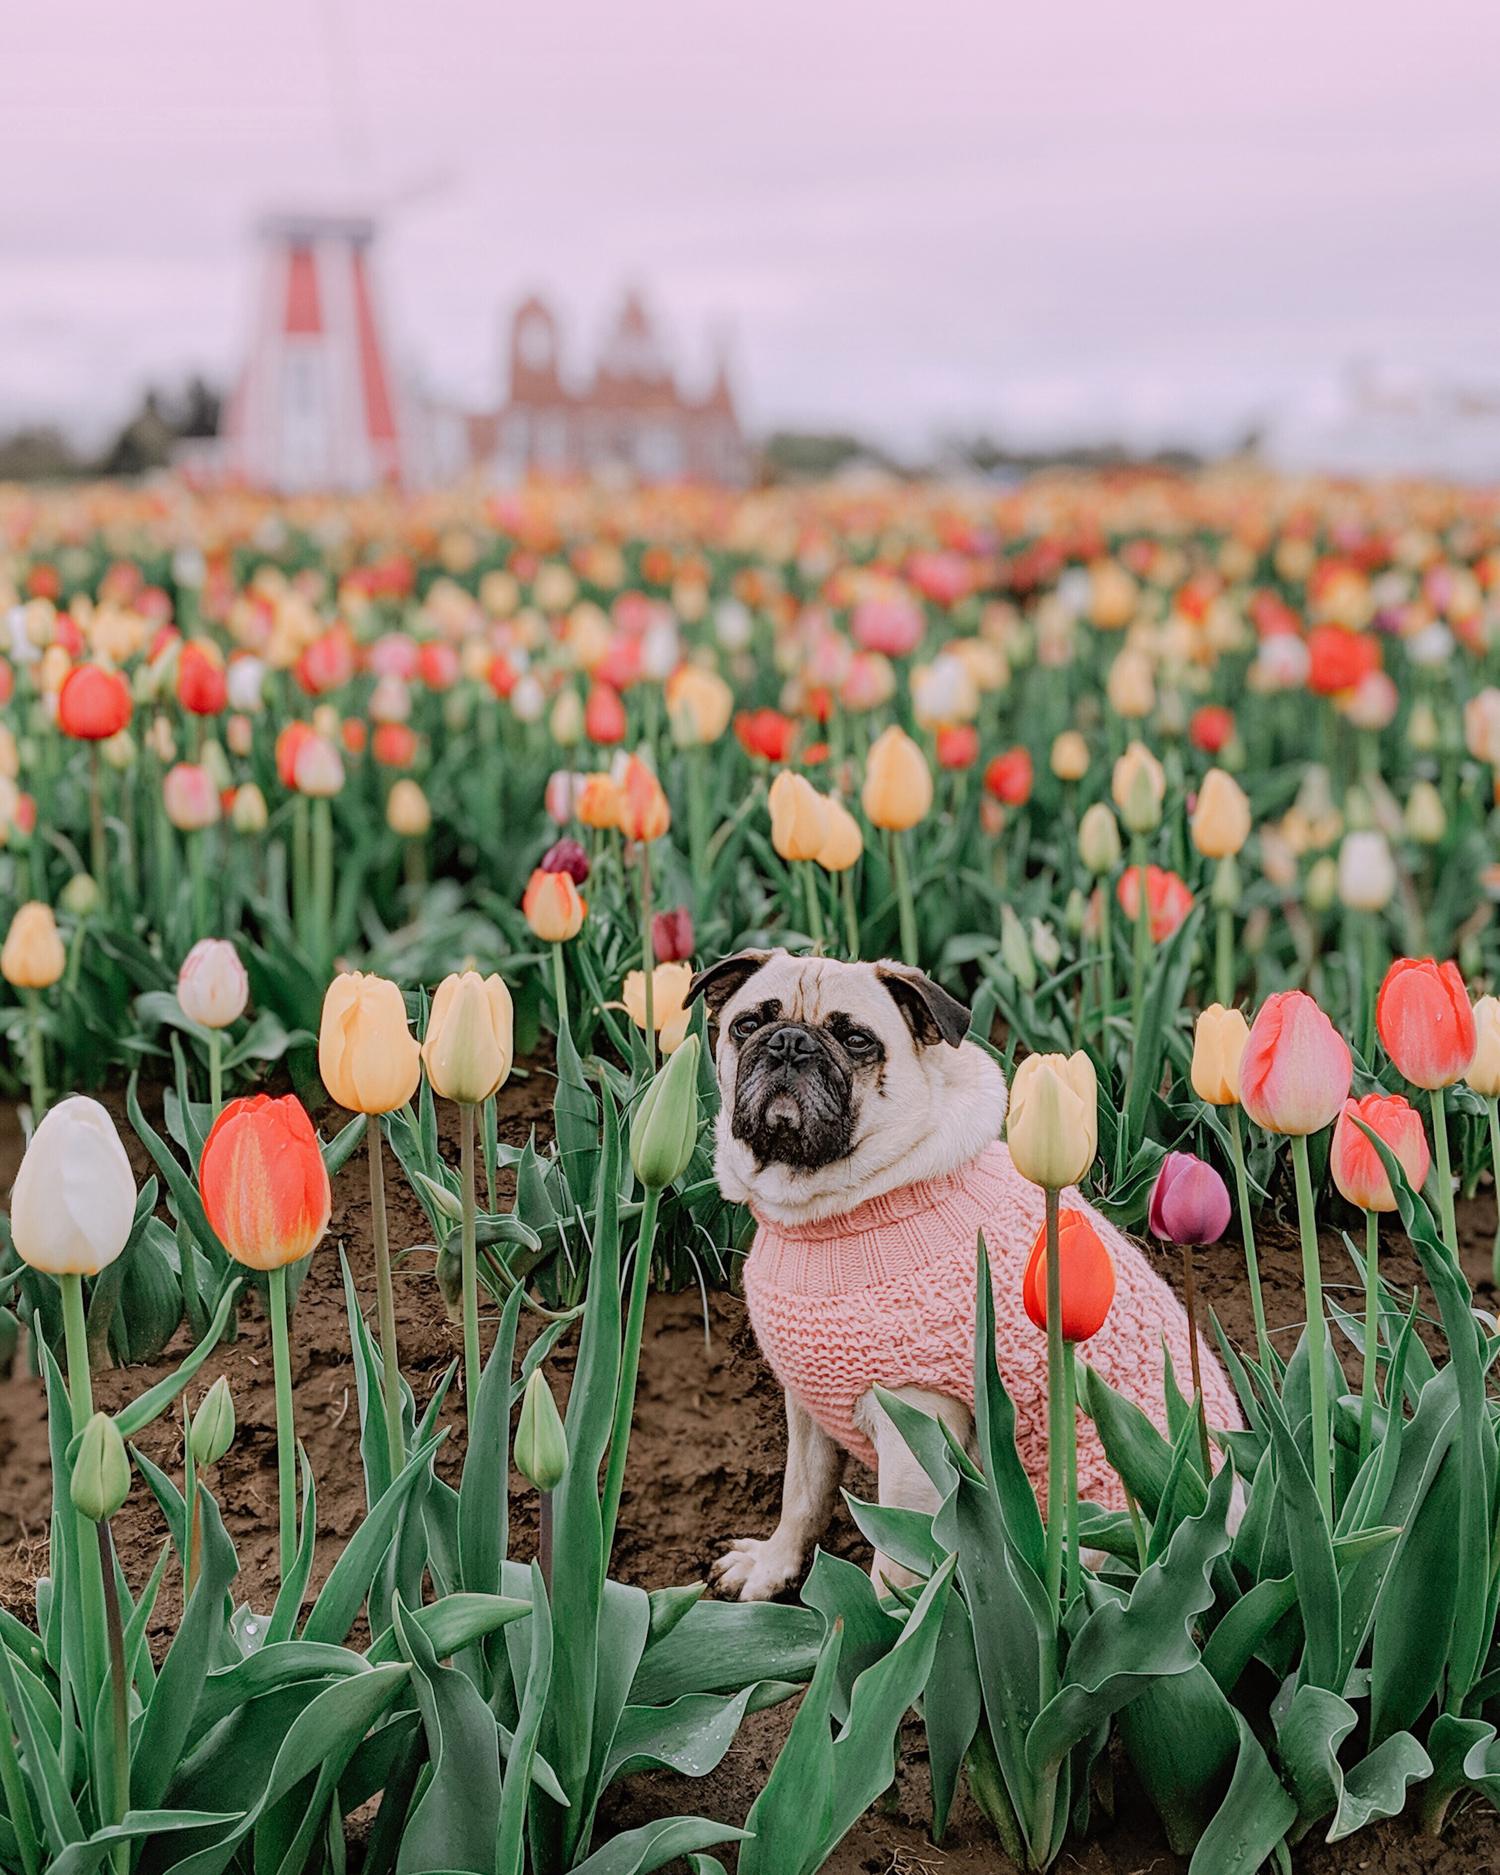 Portland-dogfriendly-travel-travelwithyourdog-woodenshoetulipfestival-2019-dogstraveling-dogblog-pug-dogmomblog-newyorkblog-visitportland26.jpg